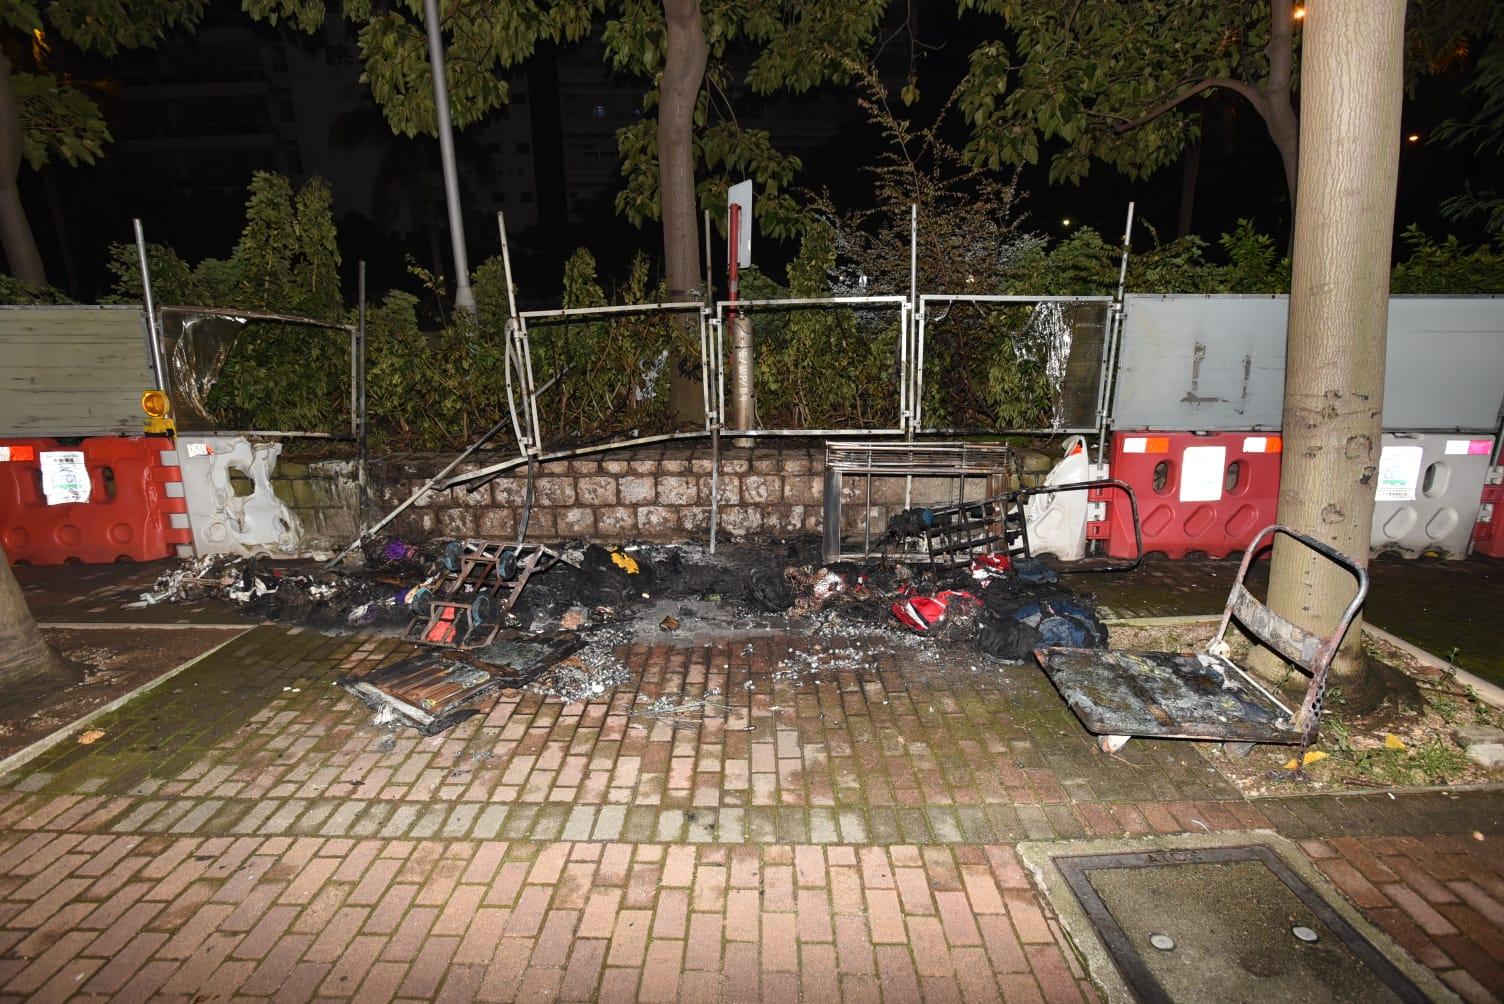 約4個水馬、3輛電單車及1輛手推車有燒過痕跡